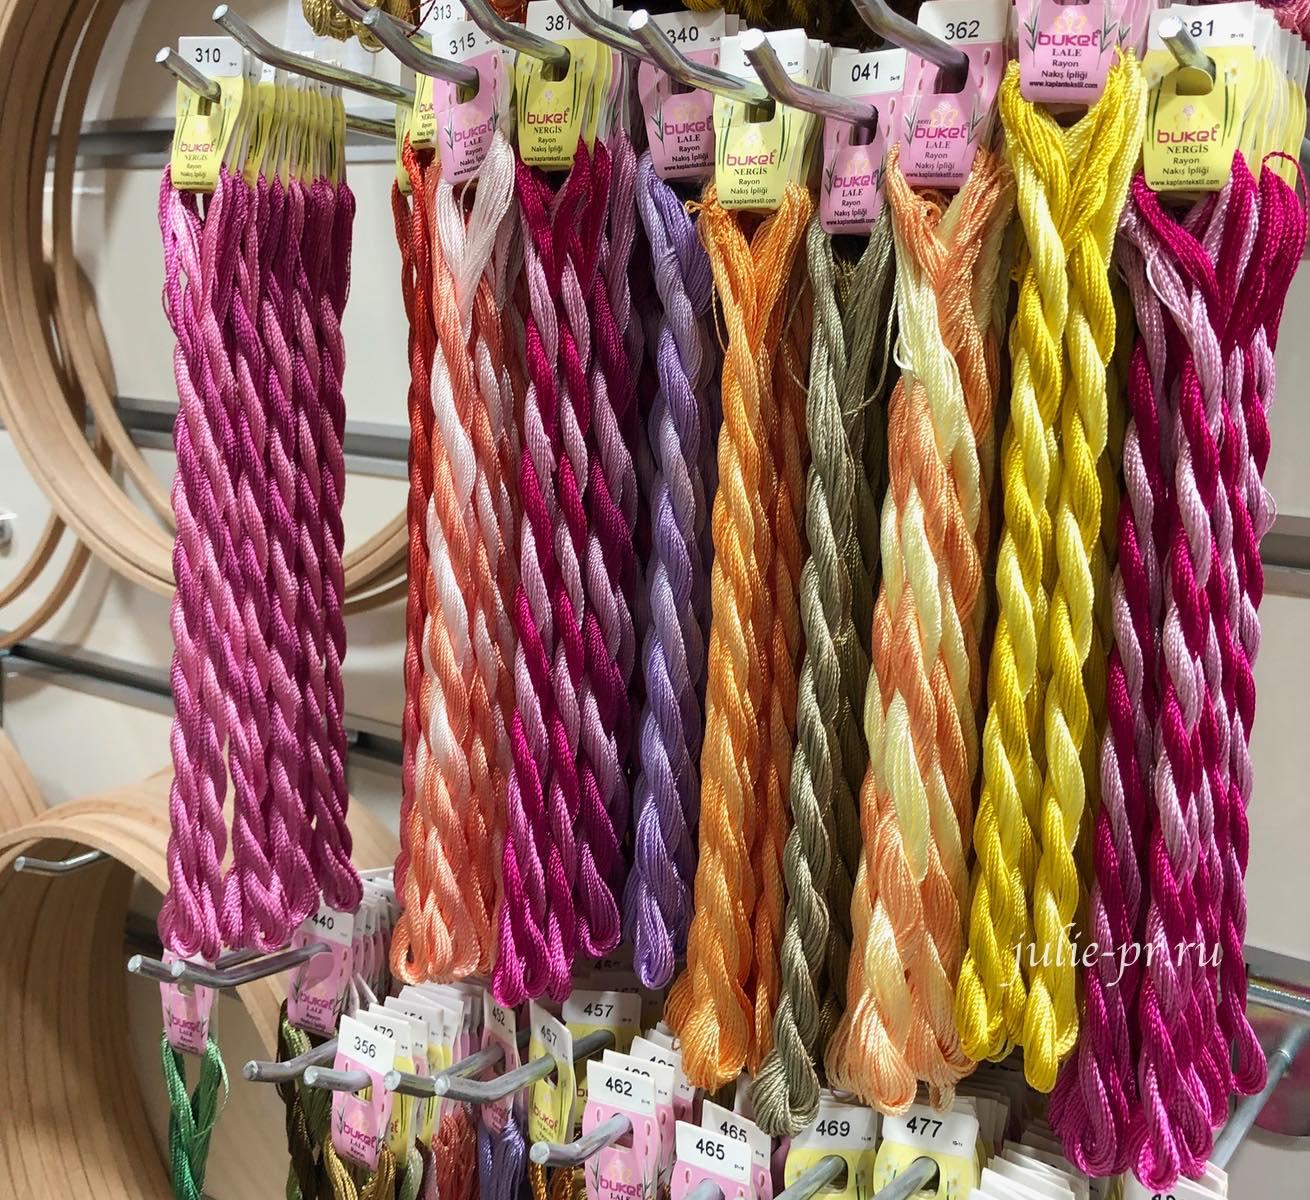 Шелк, Стамбул, вышивка, рукодельный магазин, Hira teks, hobby & dantel, Eminonu